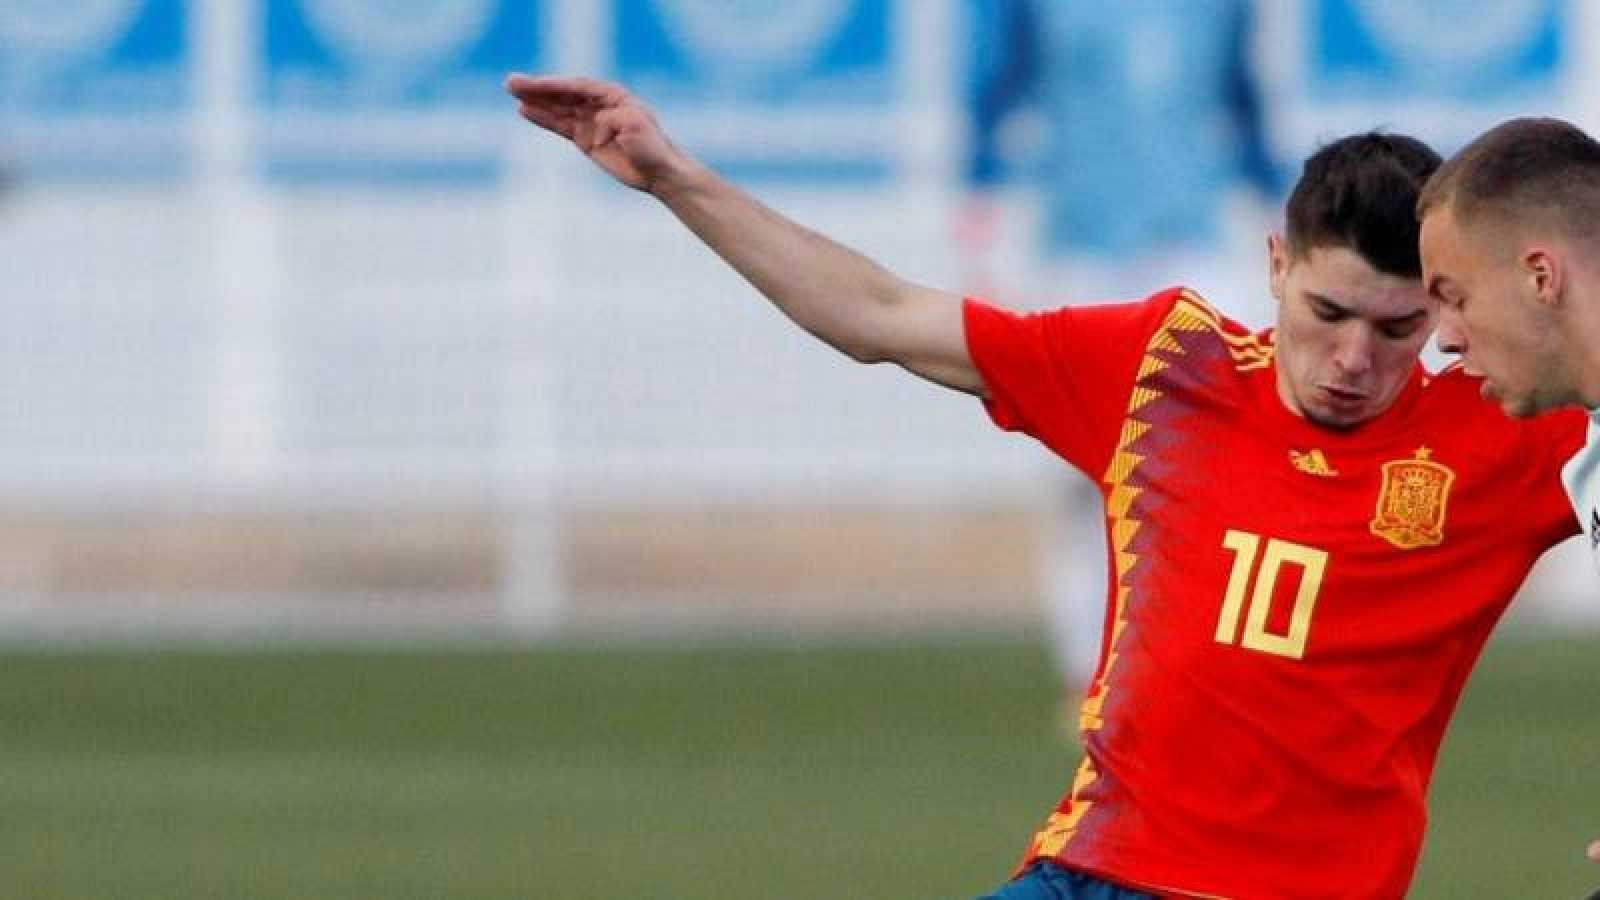 Imagen del jugador Brahim Díaz con la camiseta de la selección española Sub-21.